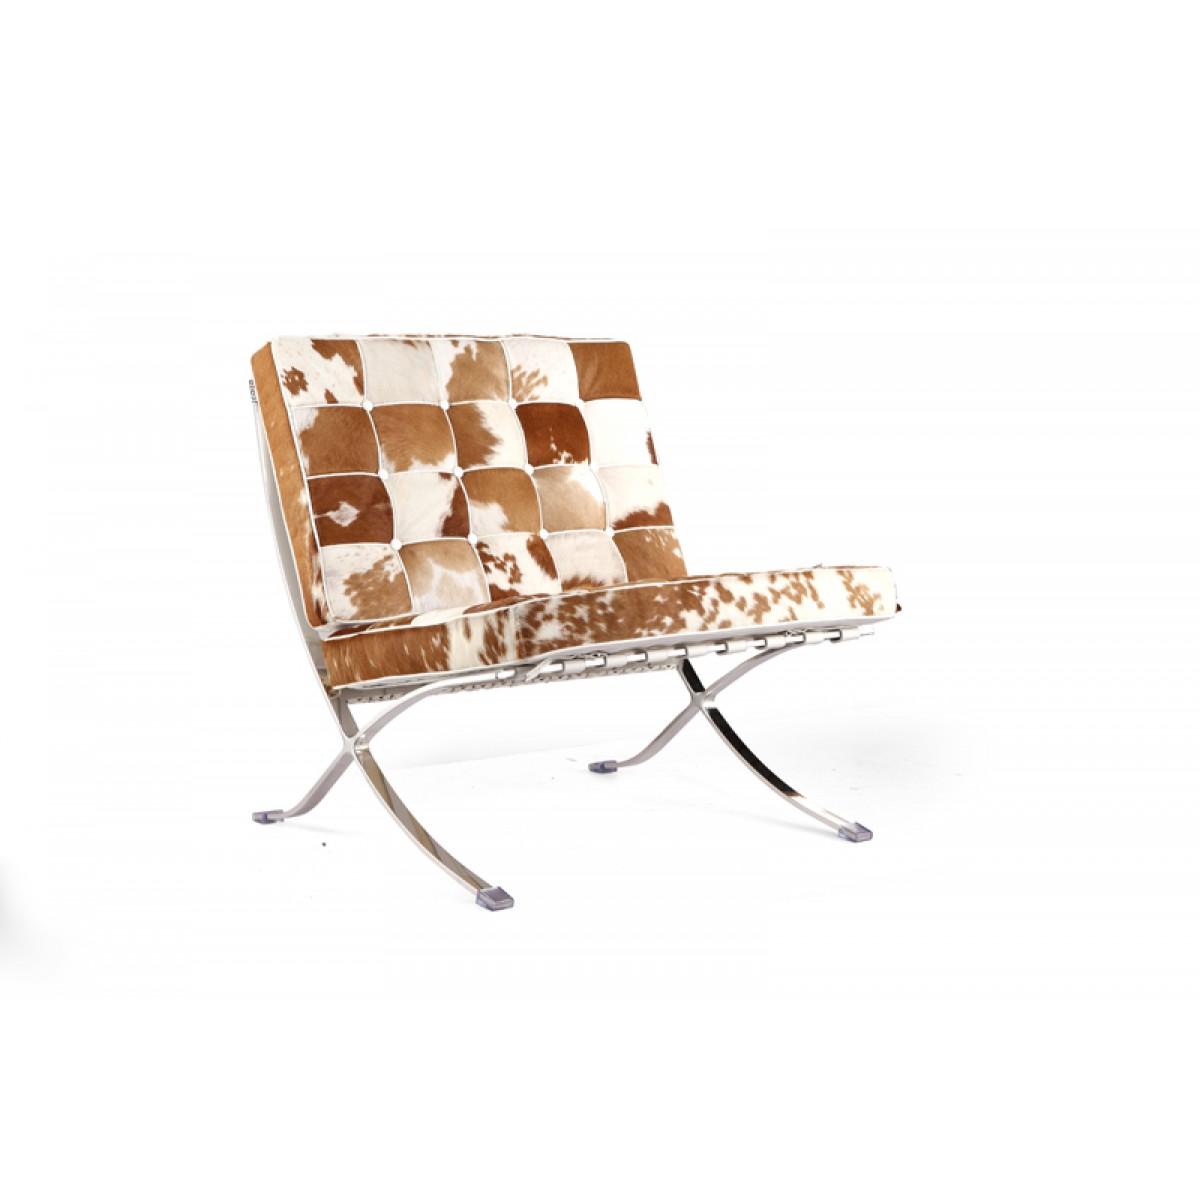 Fauteuil canap s barcelone en cuir fauteuils en cuir canap s - Canape plus fauteuil ...